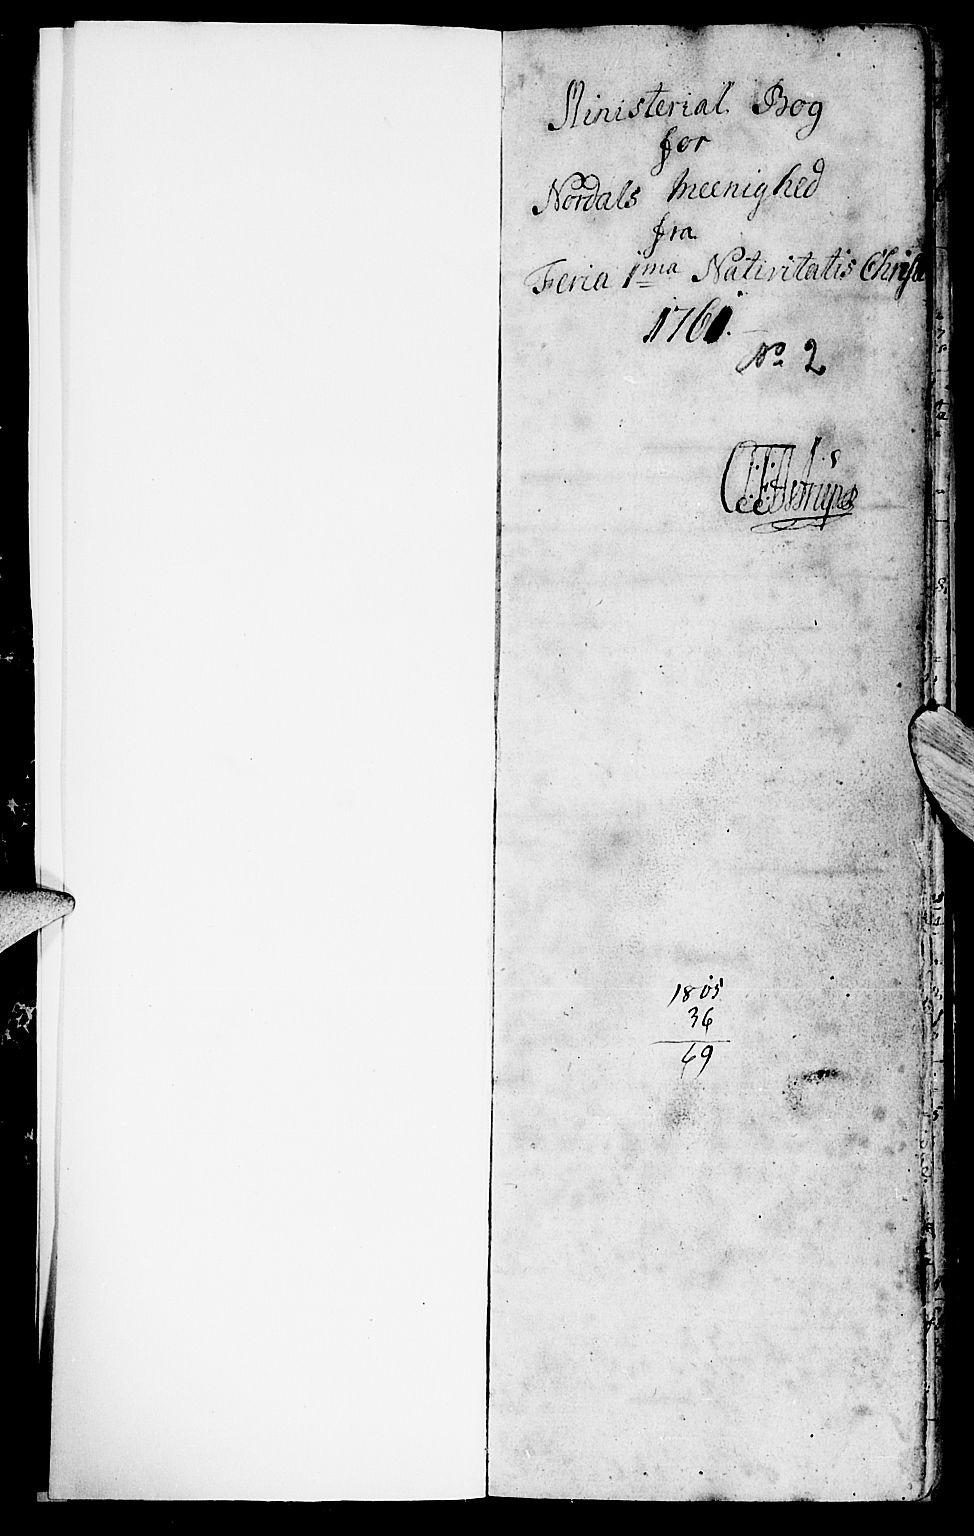 SAT, Ministerialprotokoller, klokkerbøker og fødselsregistre - Møre og Romsdal, 519/L0243: Ministerialbok nr. 519A02, 1760-1770